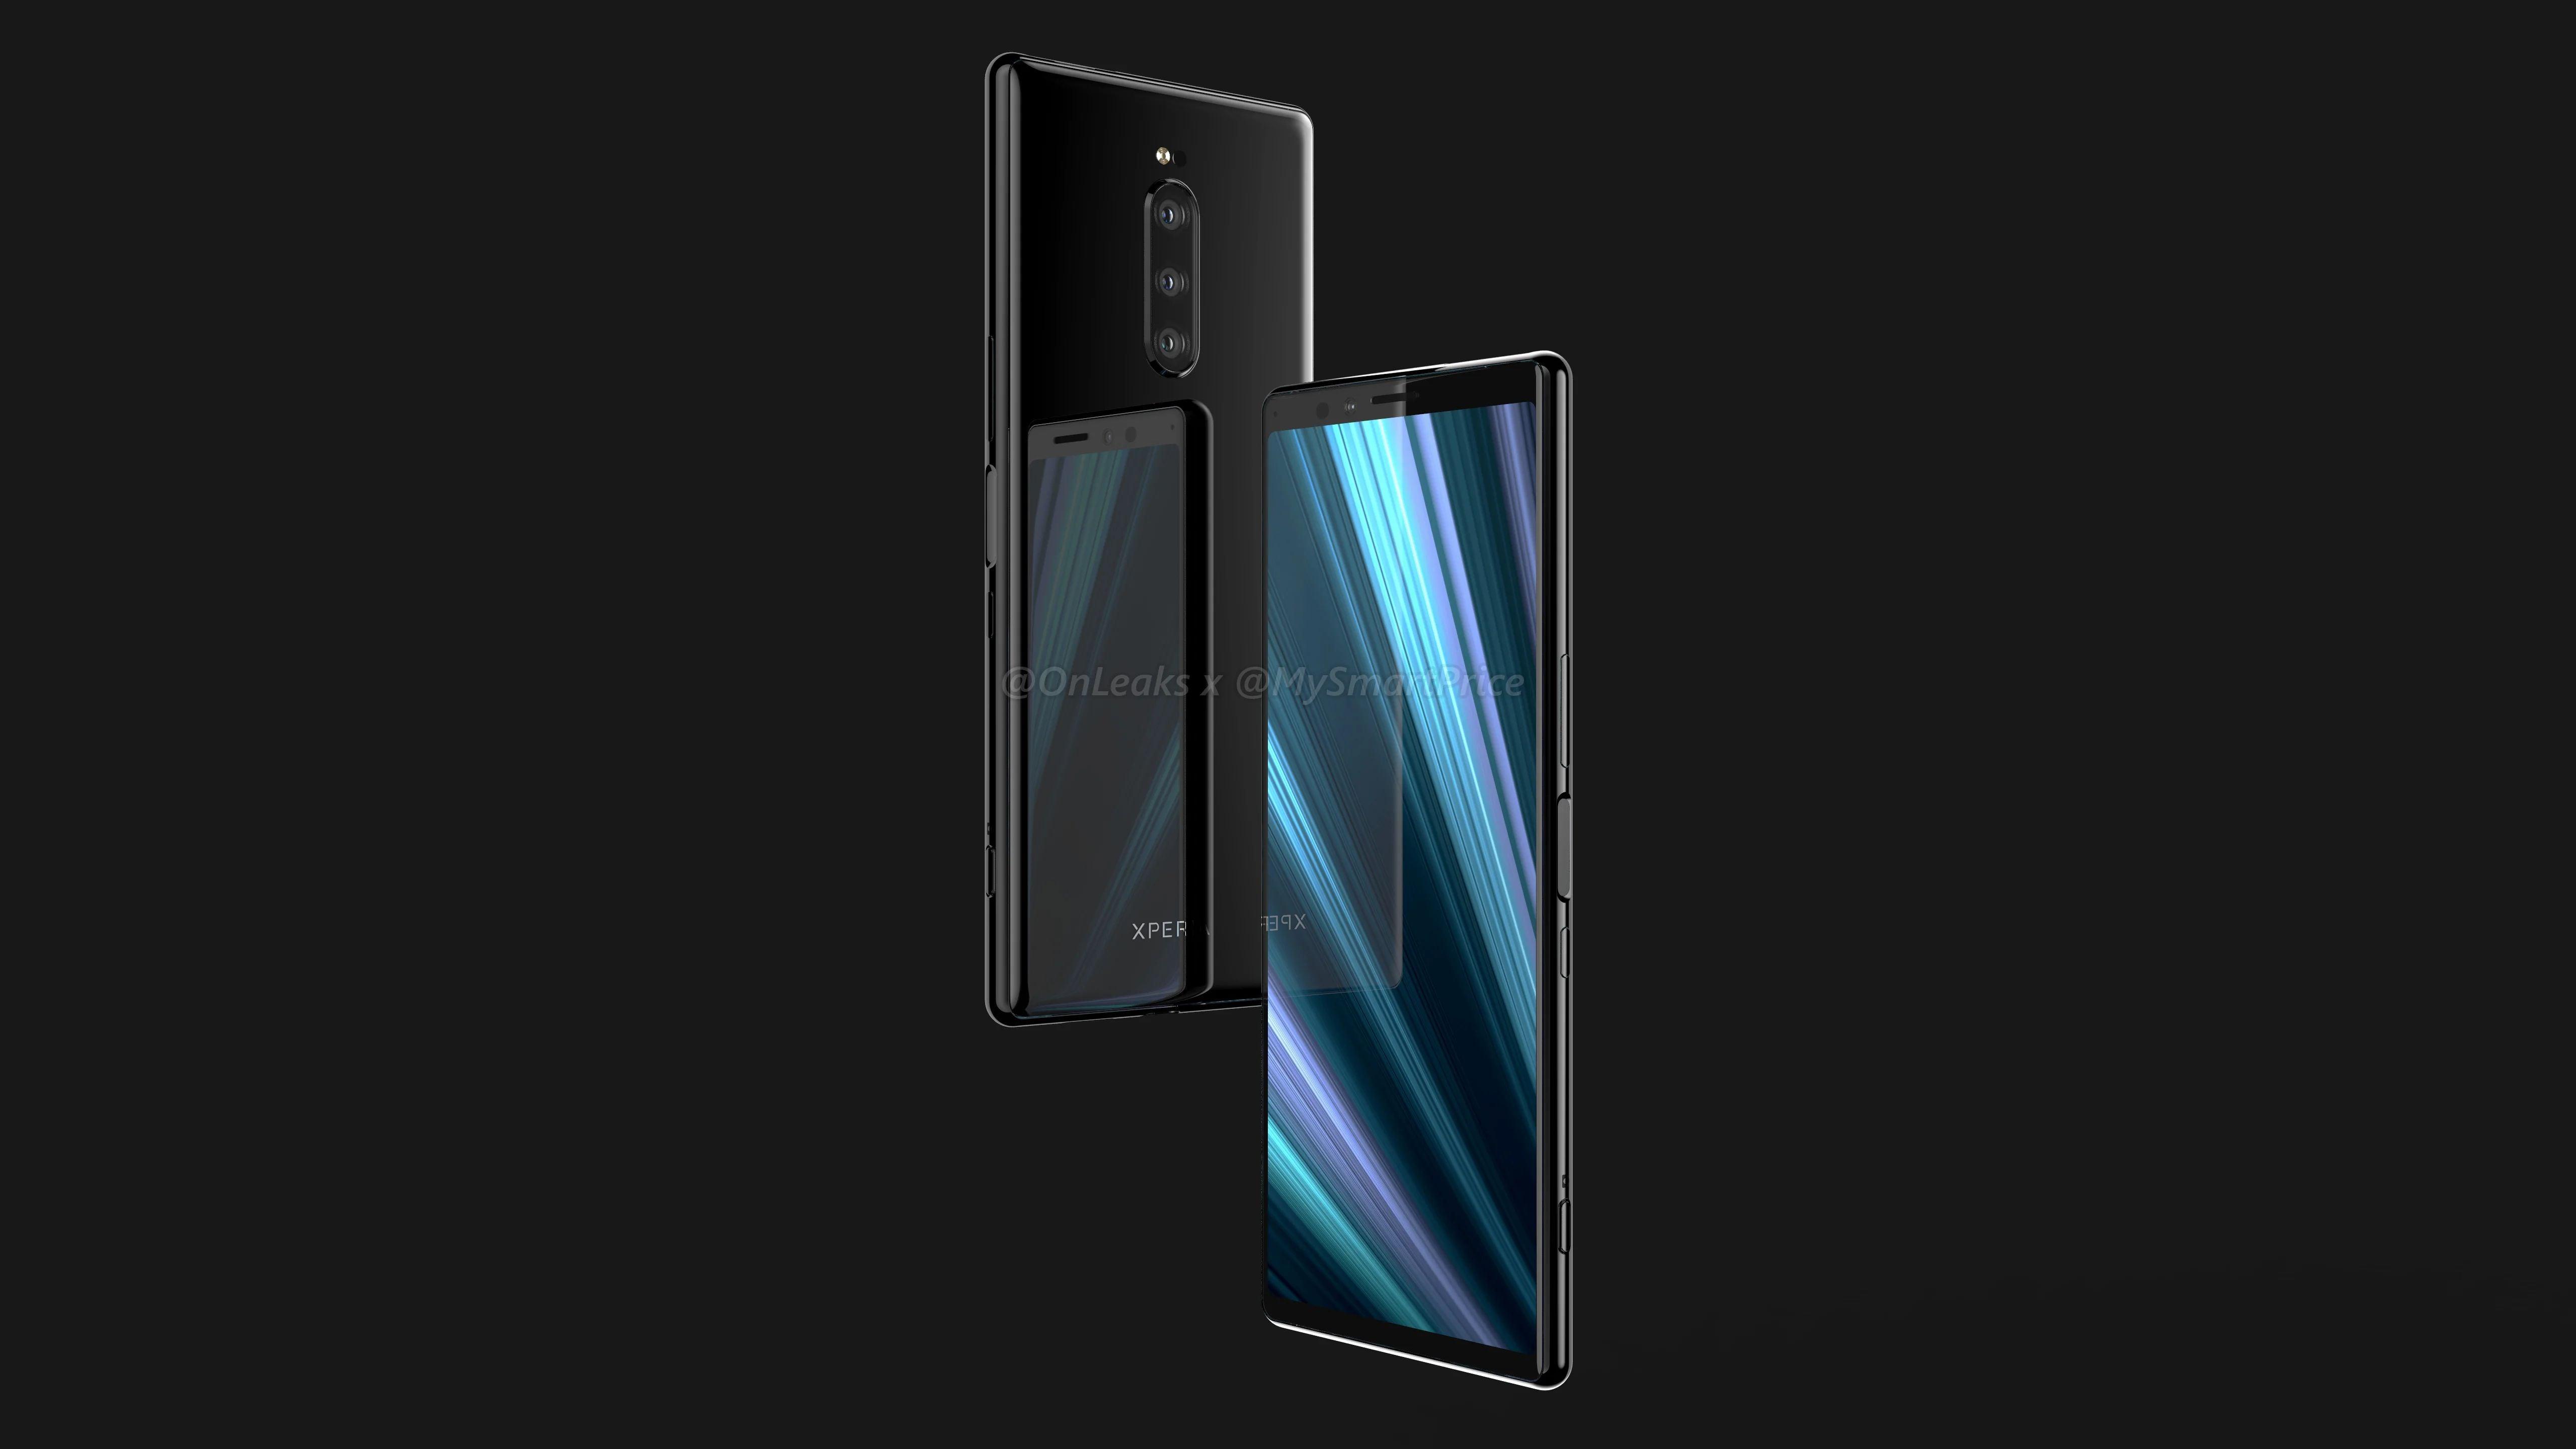 Sony Xperia XZ4 będzie niezwykle wydajną bestią - Qualcomm Snapdragon 855 na pokładzie zrobi robotę 19